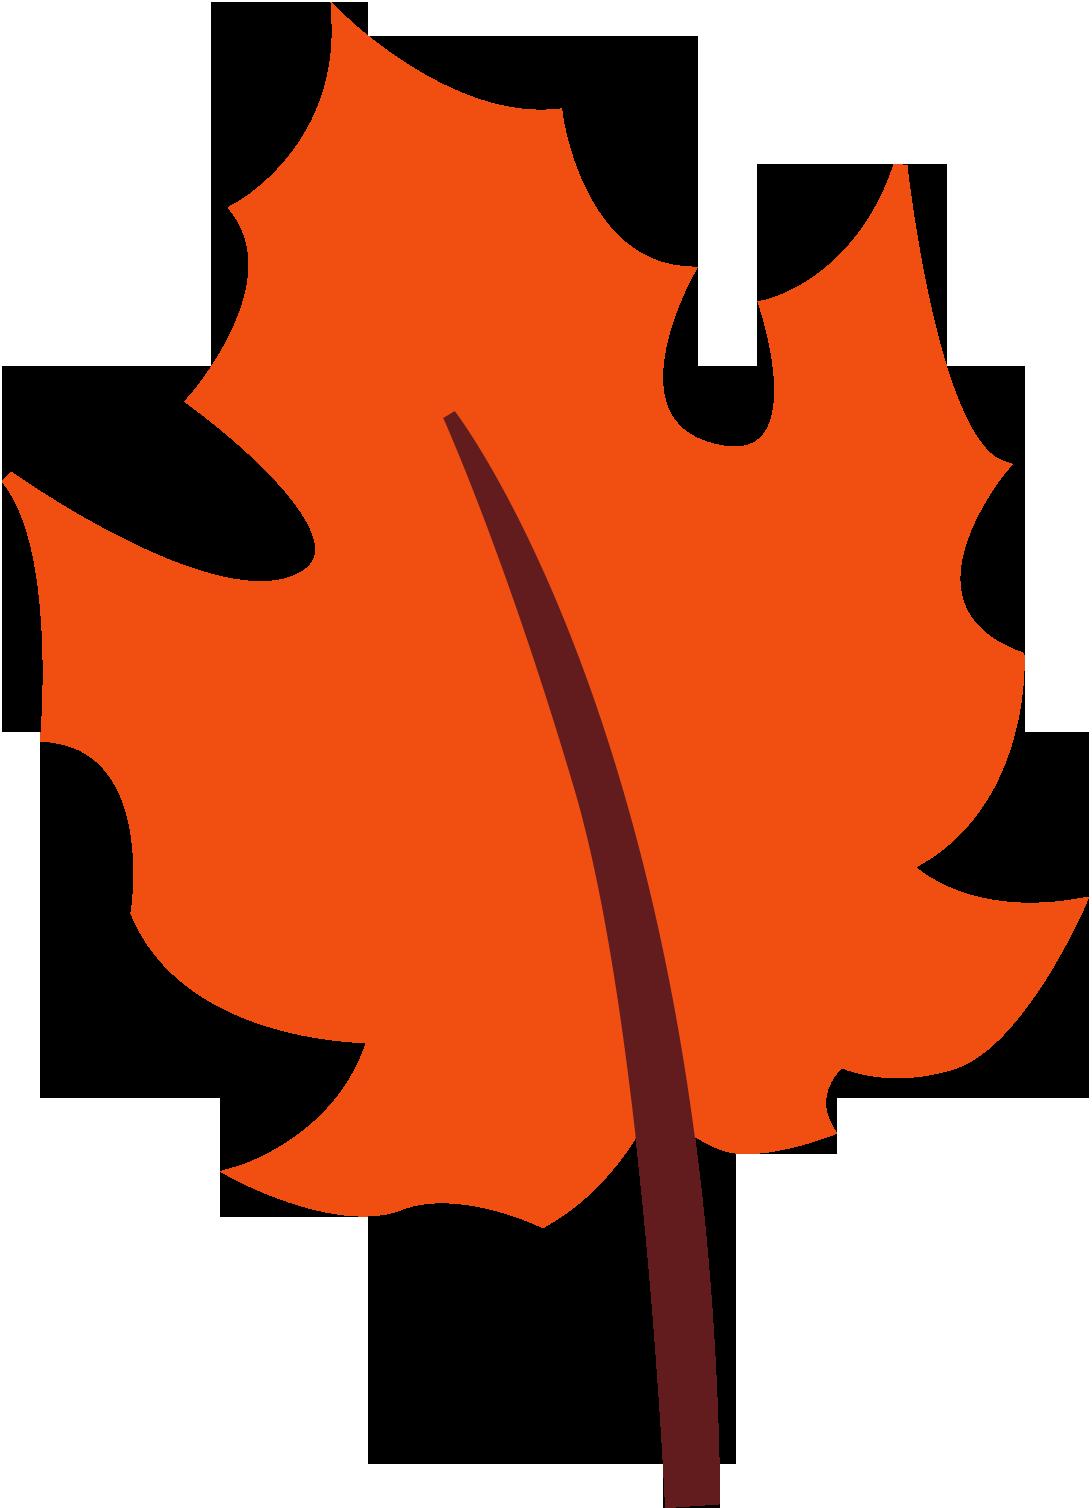 1092x1508 Free Fall Clipart Autumn Leaves Clip Art